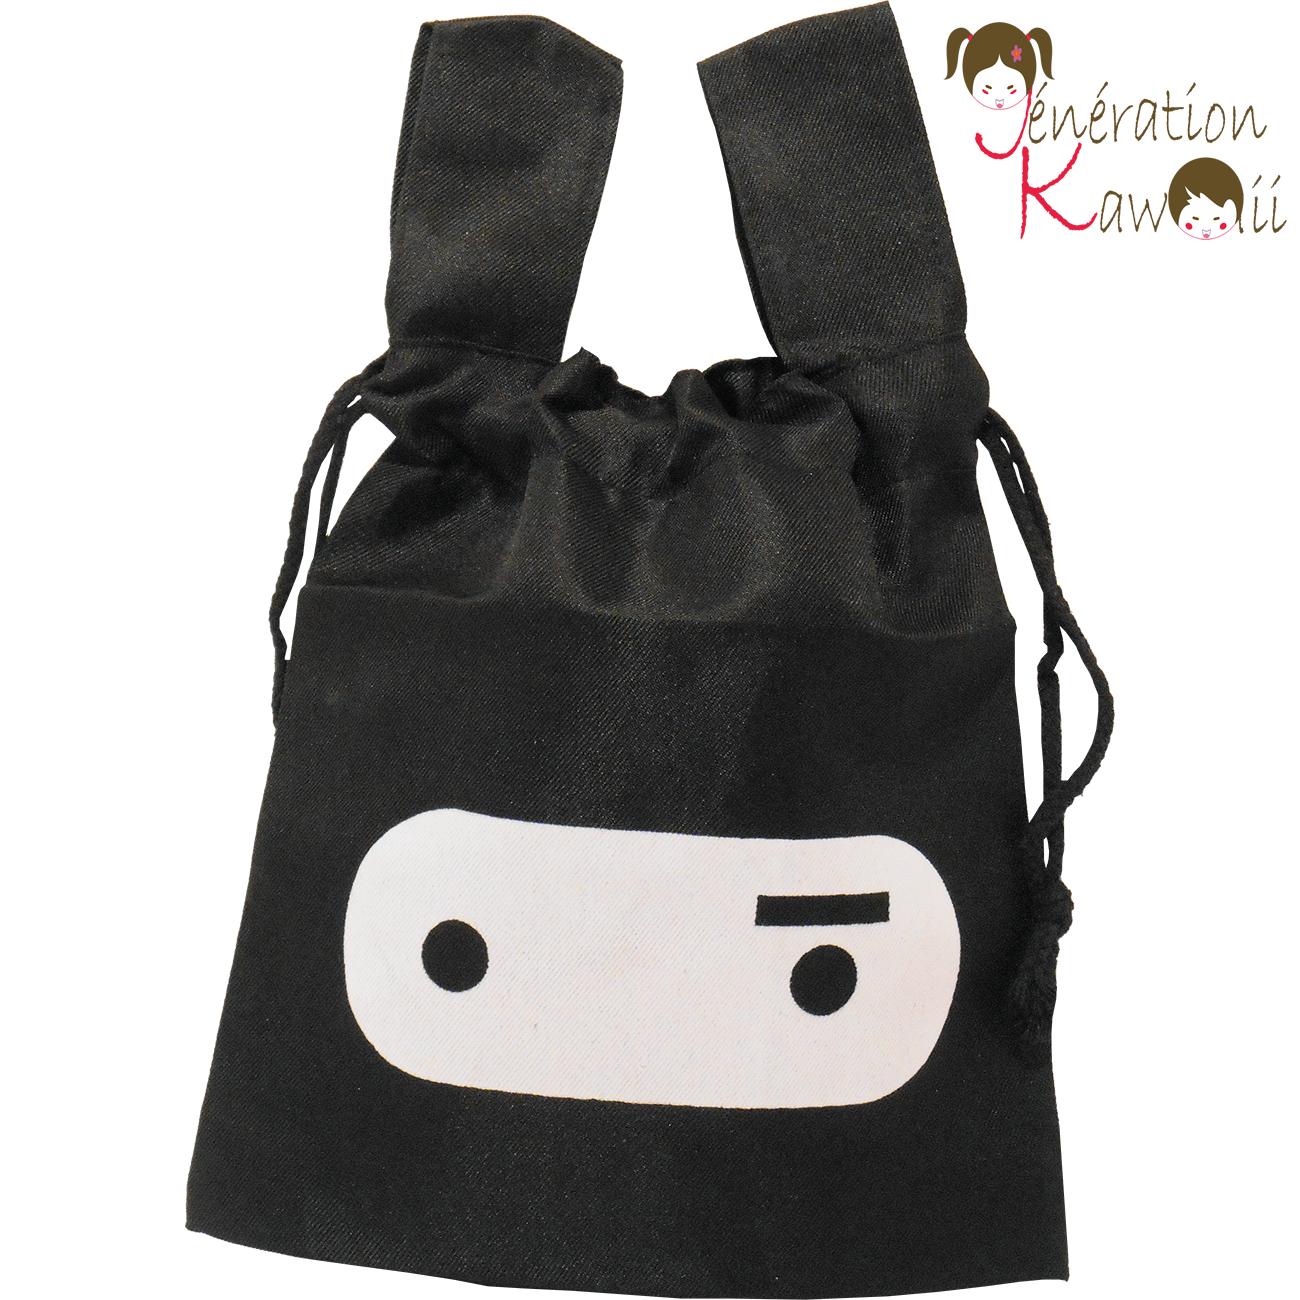 C Est Le Must un sac à goûter #ninja #kawaii, c'est le must pour y glisser les